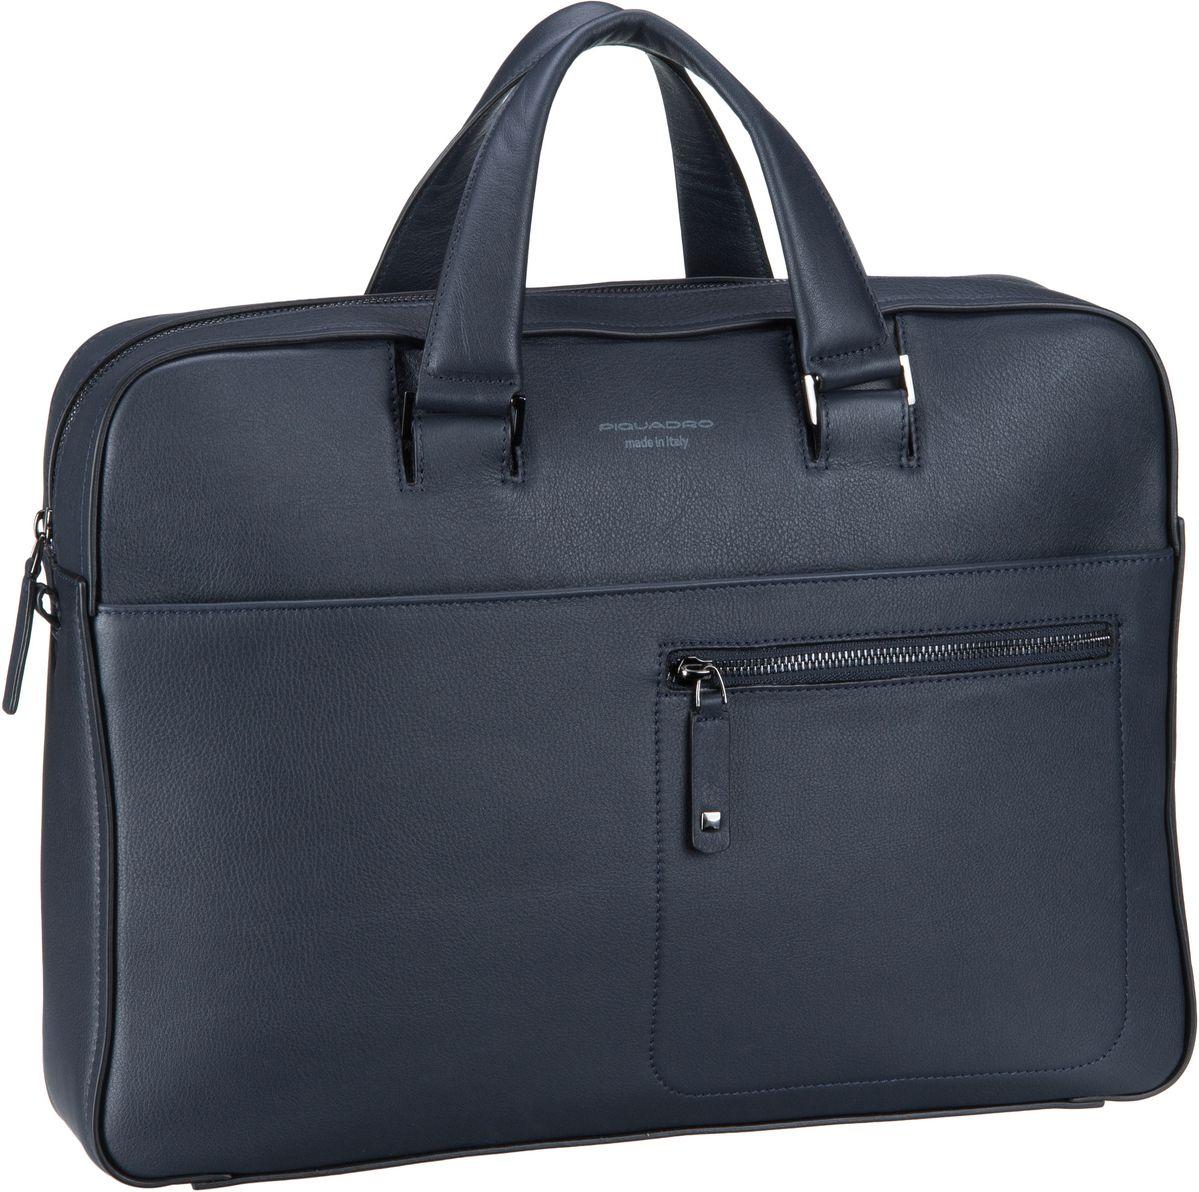 Businesstaschen für Frauen - Piquadro Aktentasche David 4141 Blu Notte  - Onlineshop Taschenkaufhaus